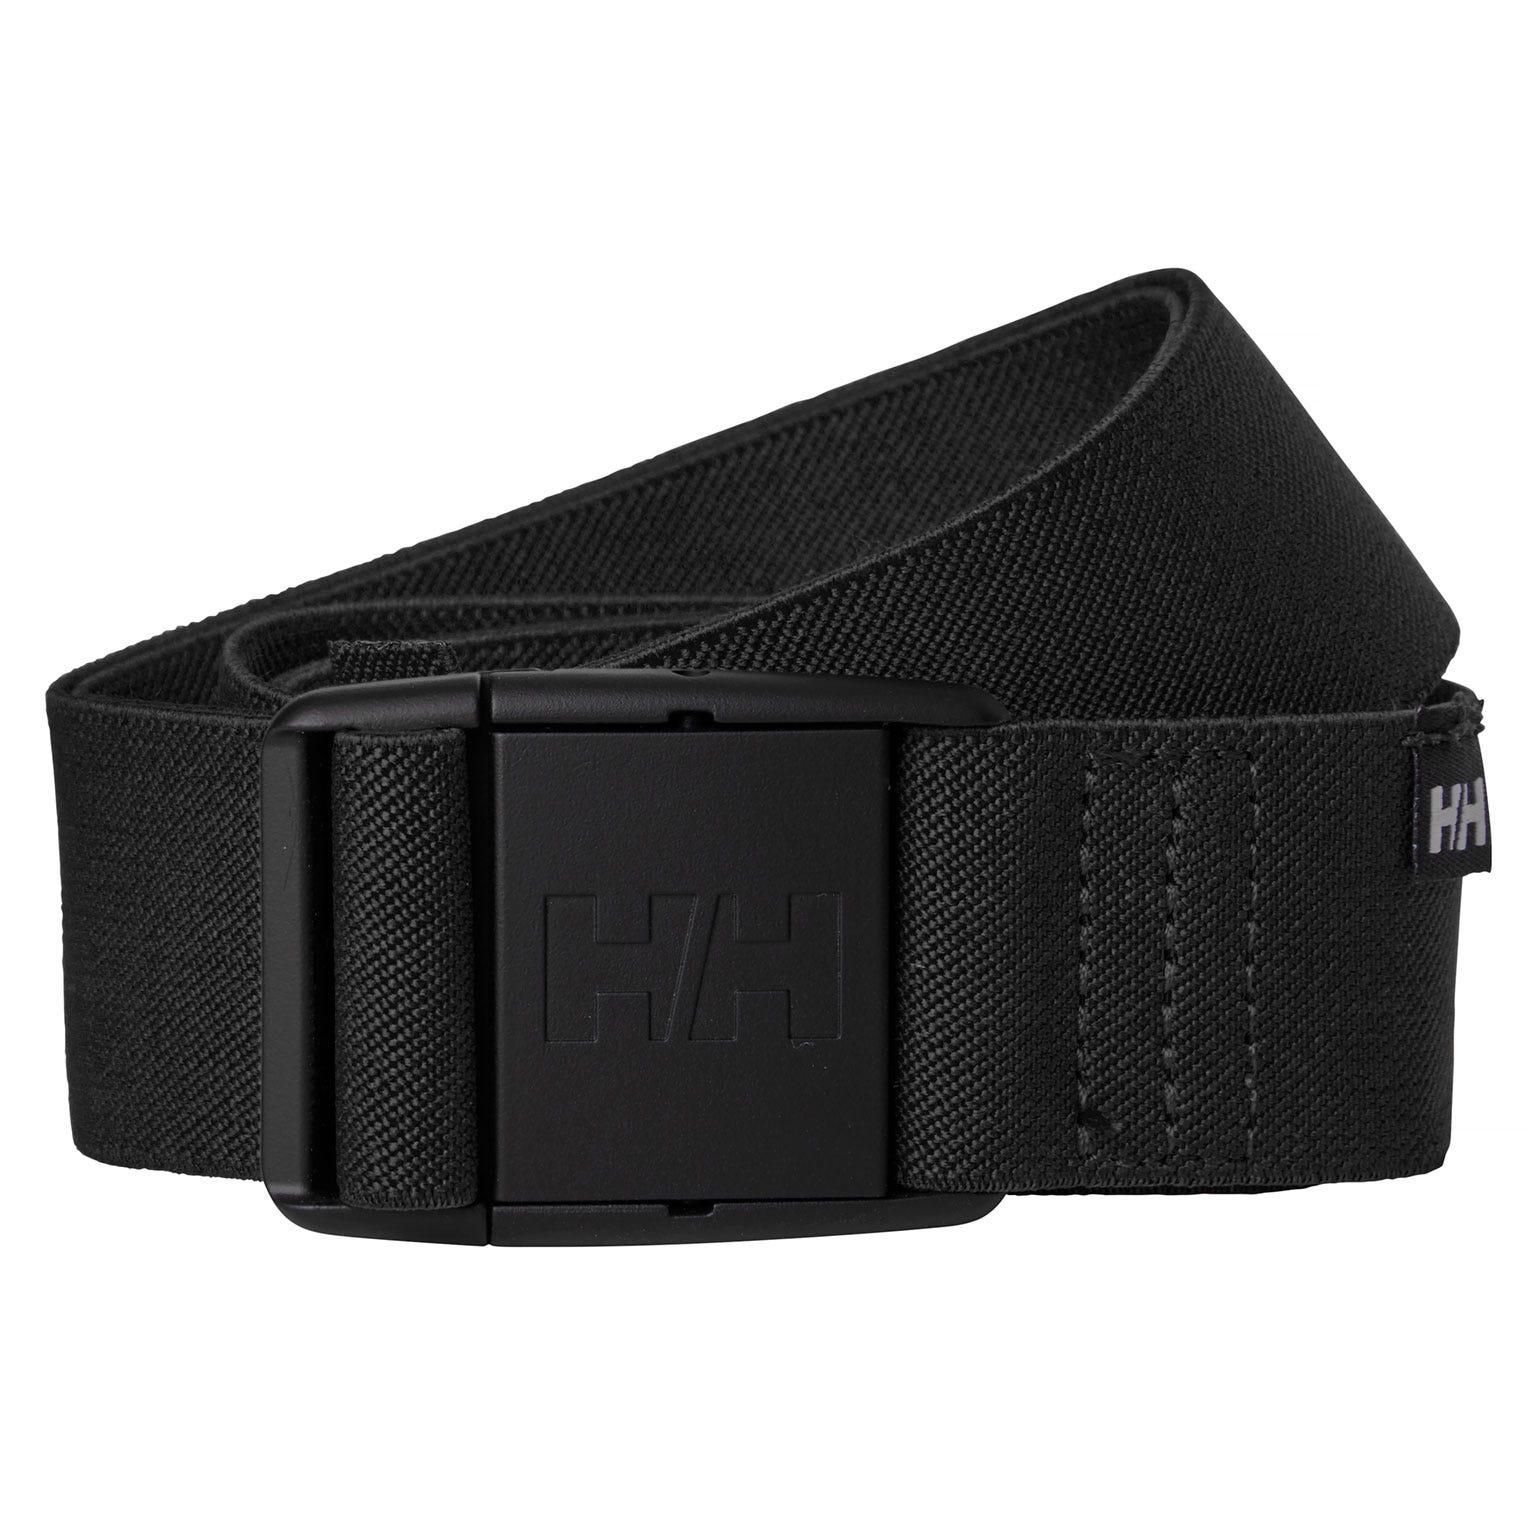 Helly Hansen Adventure Belt Black 130